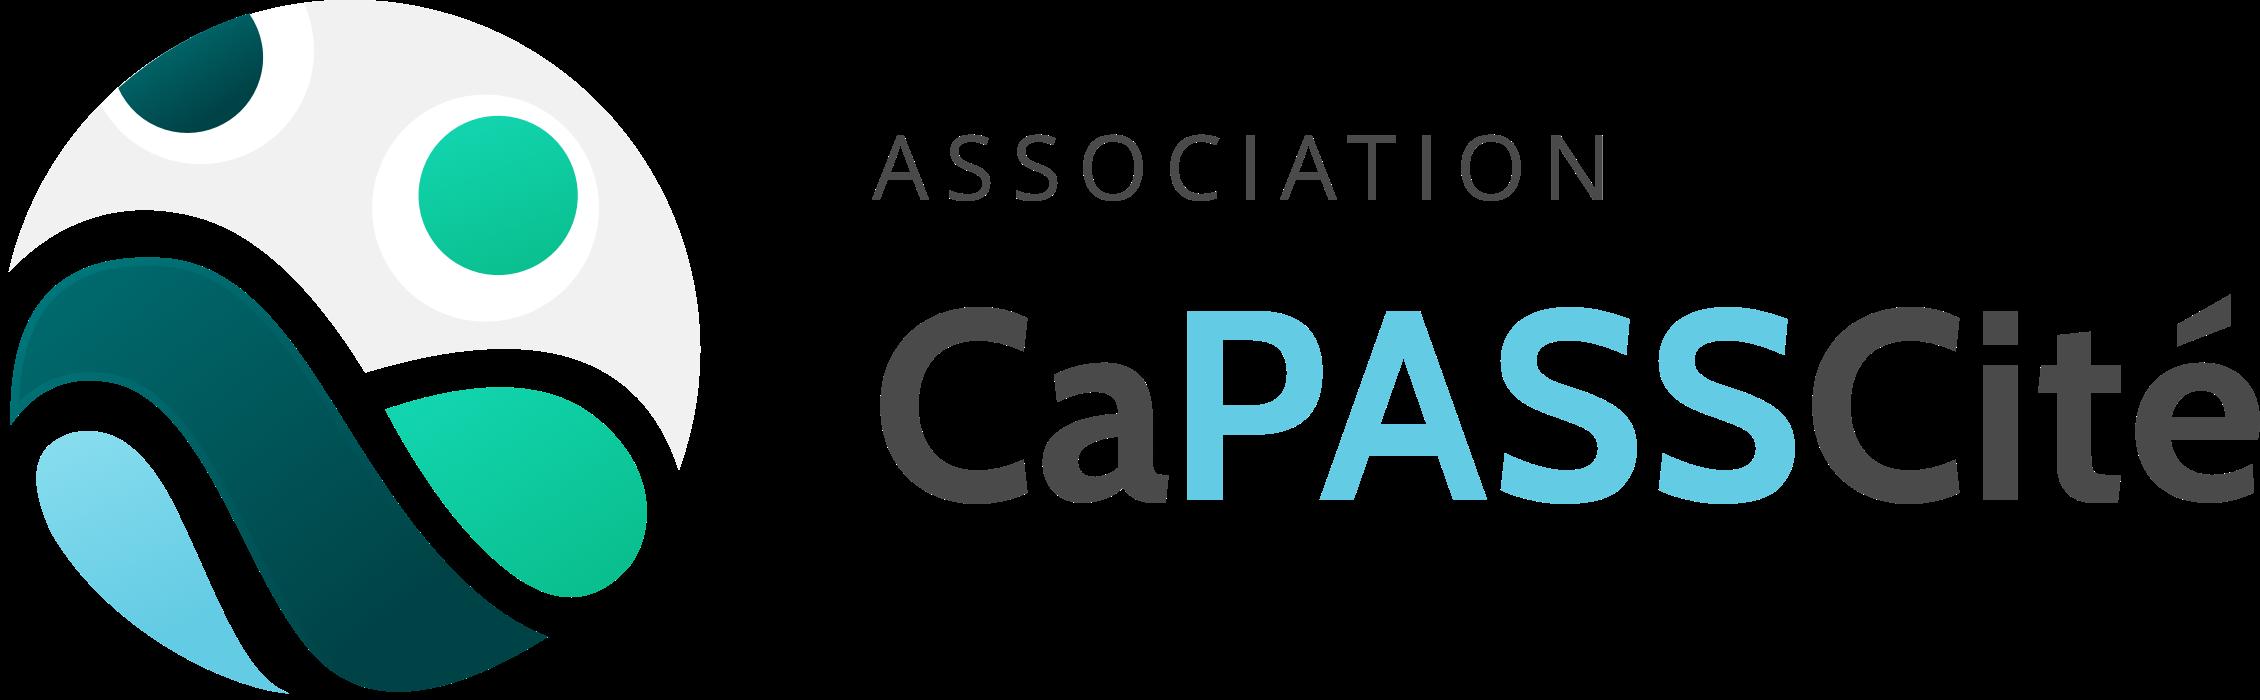 Association CaPASSCité